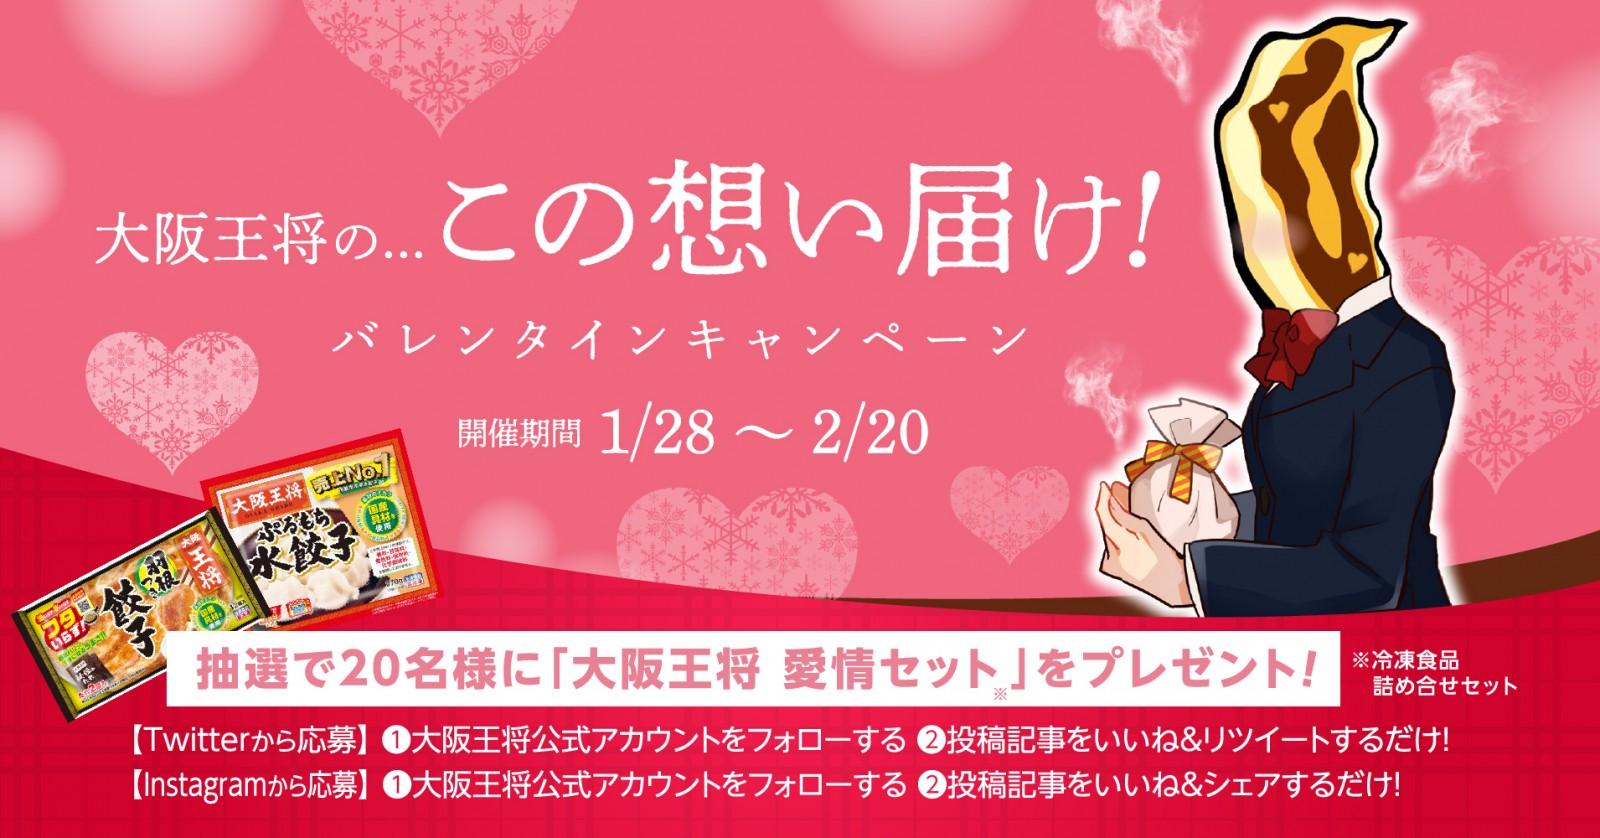 2月!バレンタインデーに向けてチョコではなく、、、大阪王将?! 『愛情セット』で想いを届ける!